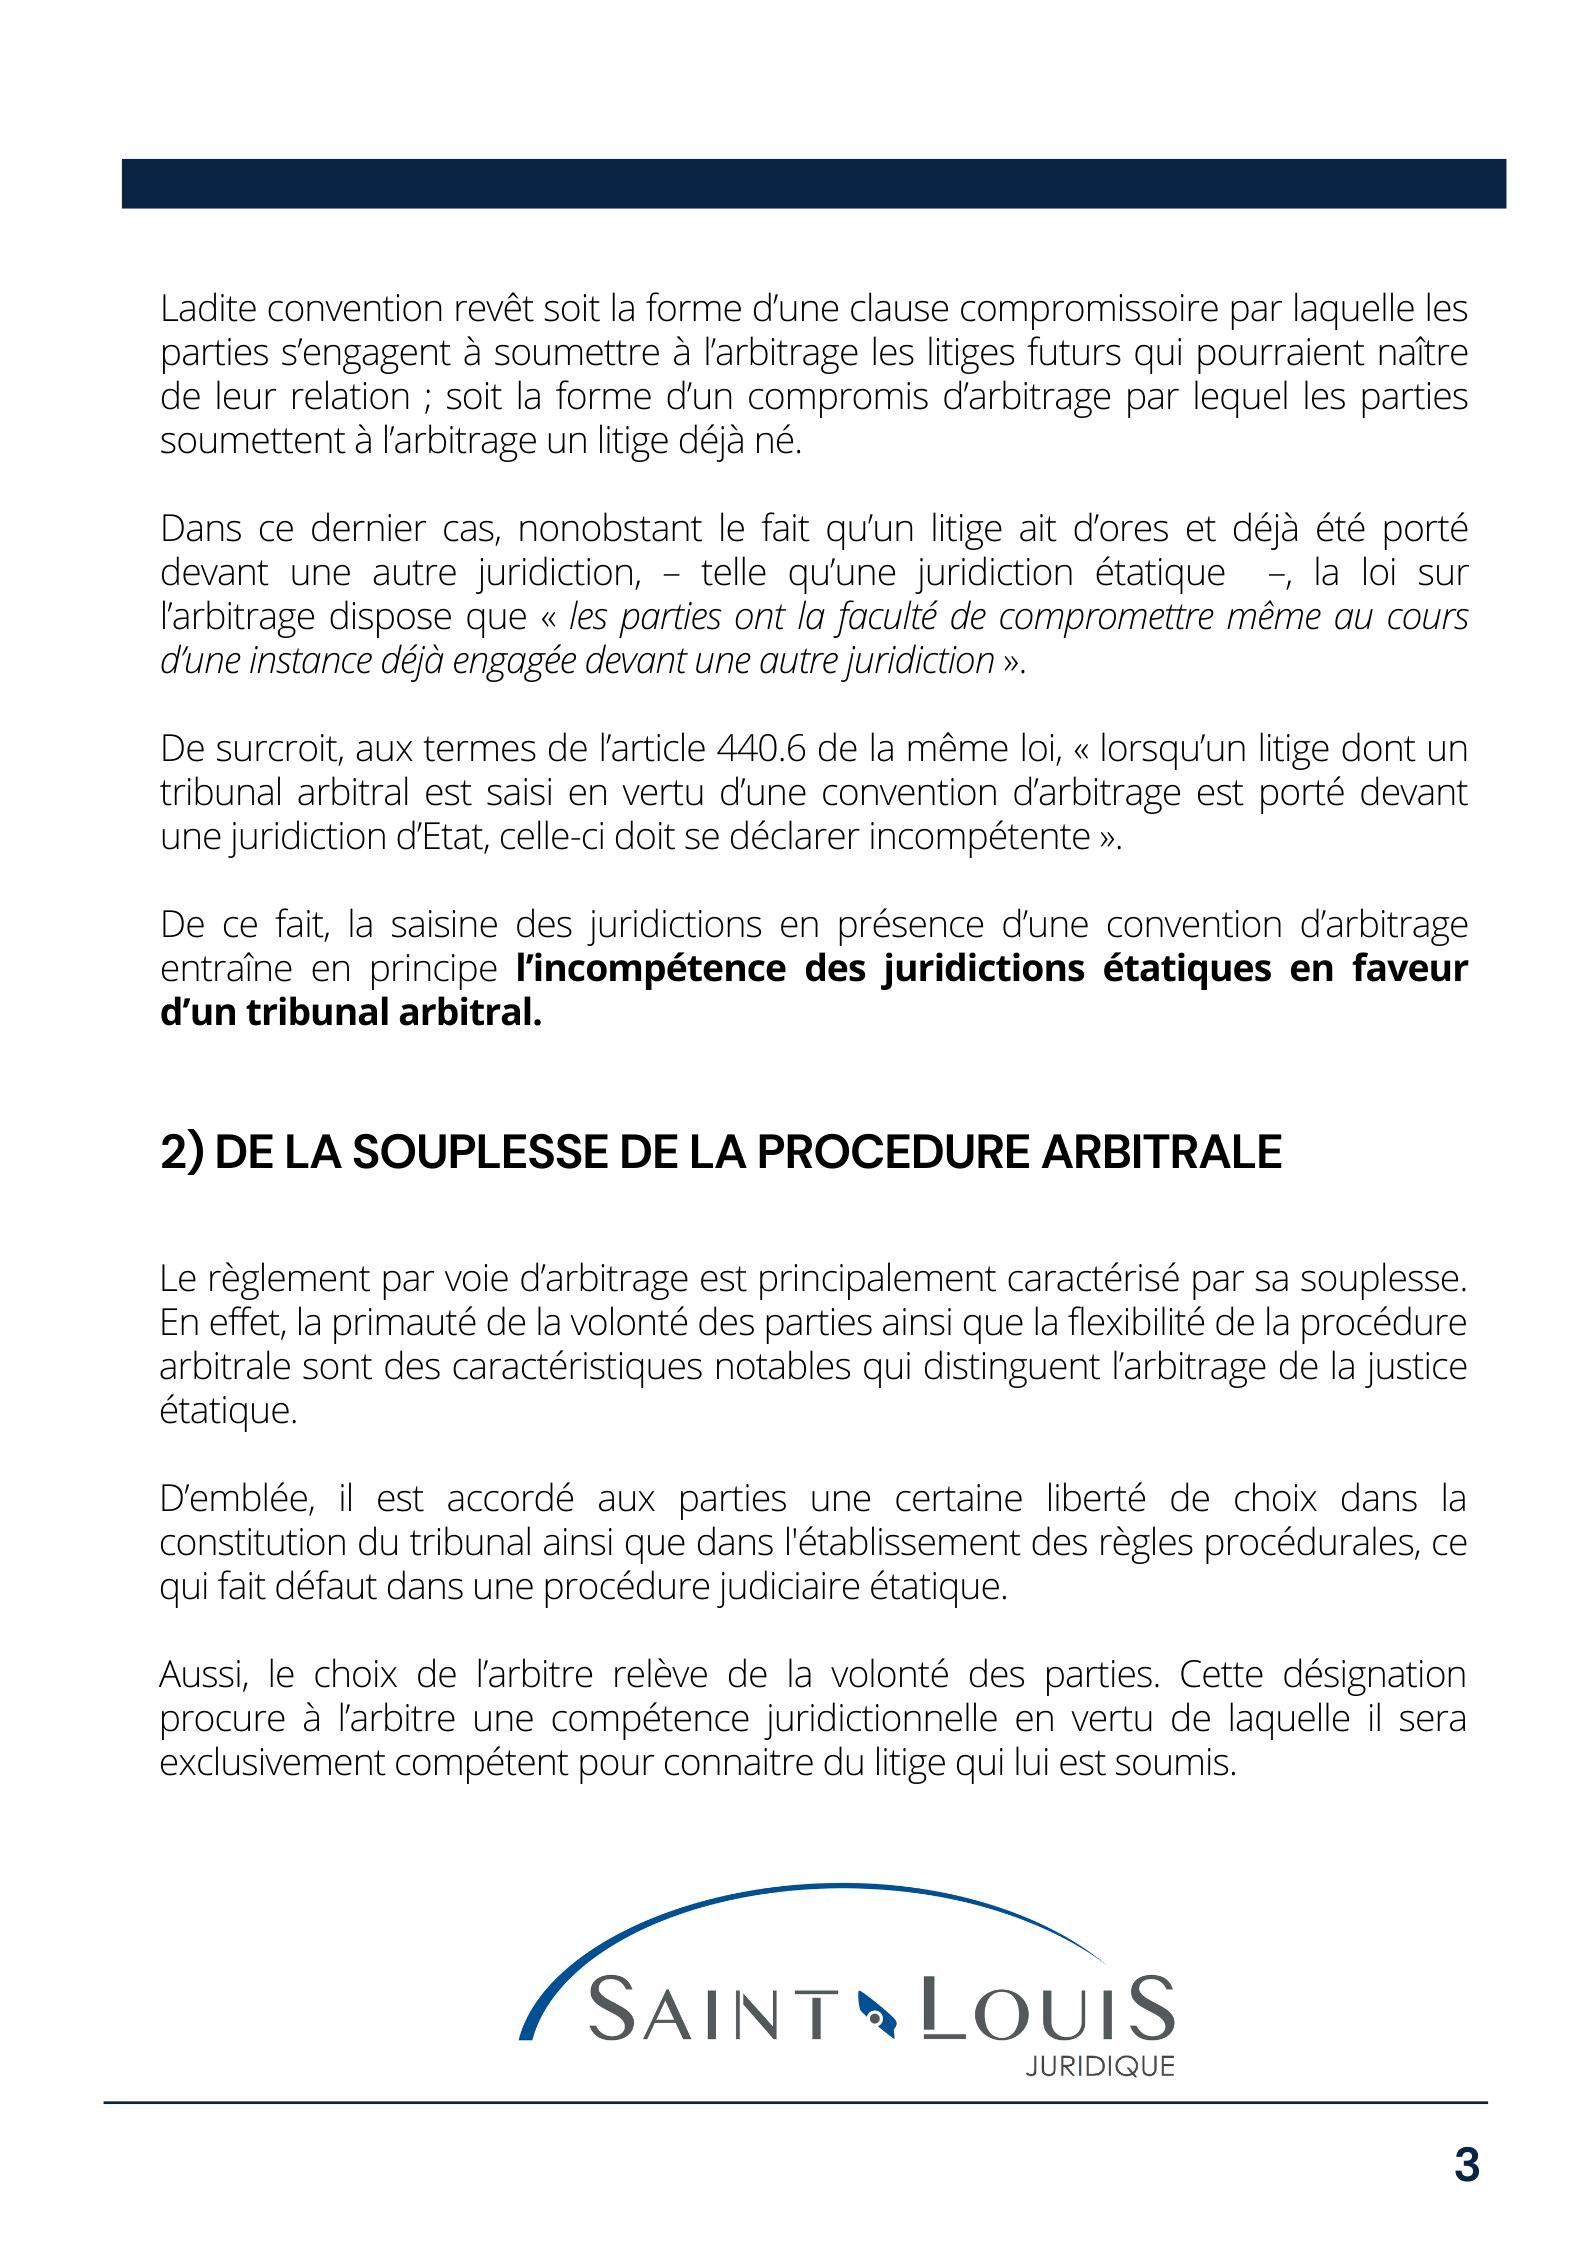 Règlement par voie d'arbitrage page 3